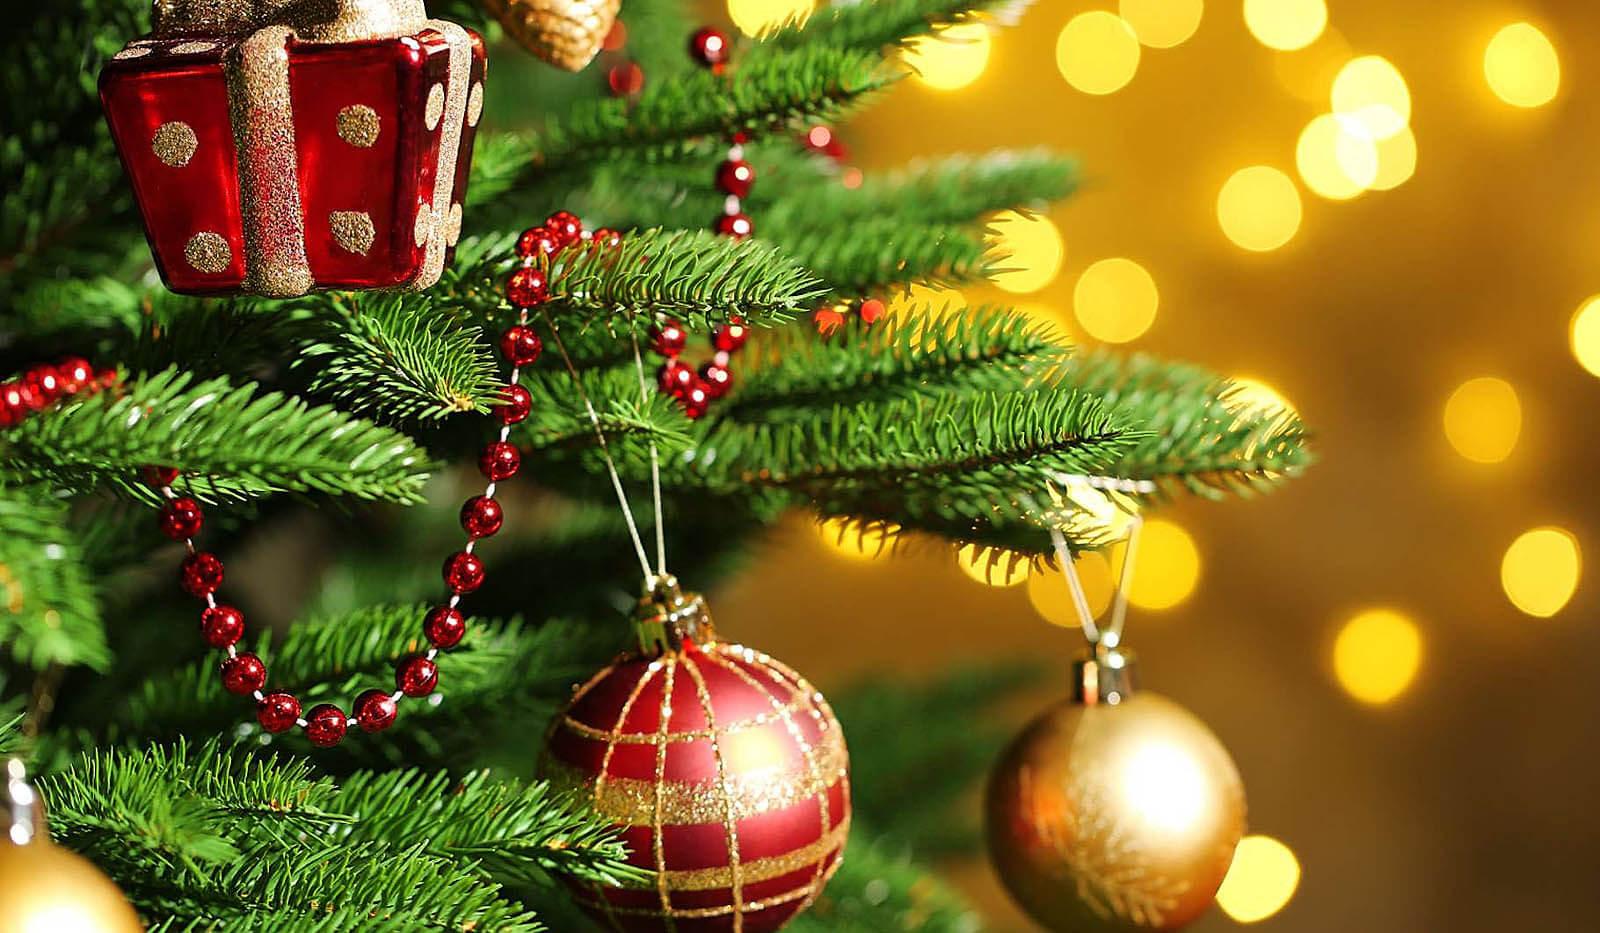 Nous vous souhaitons de Bonnes Fêtes de fin d'année